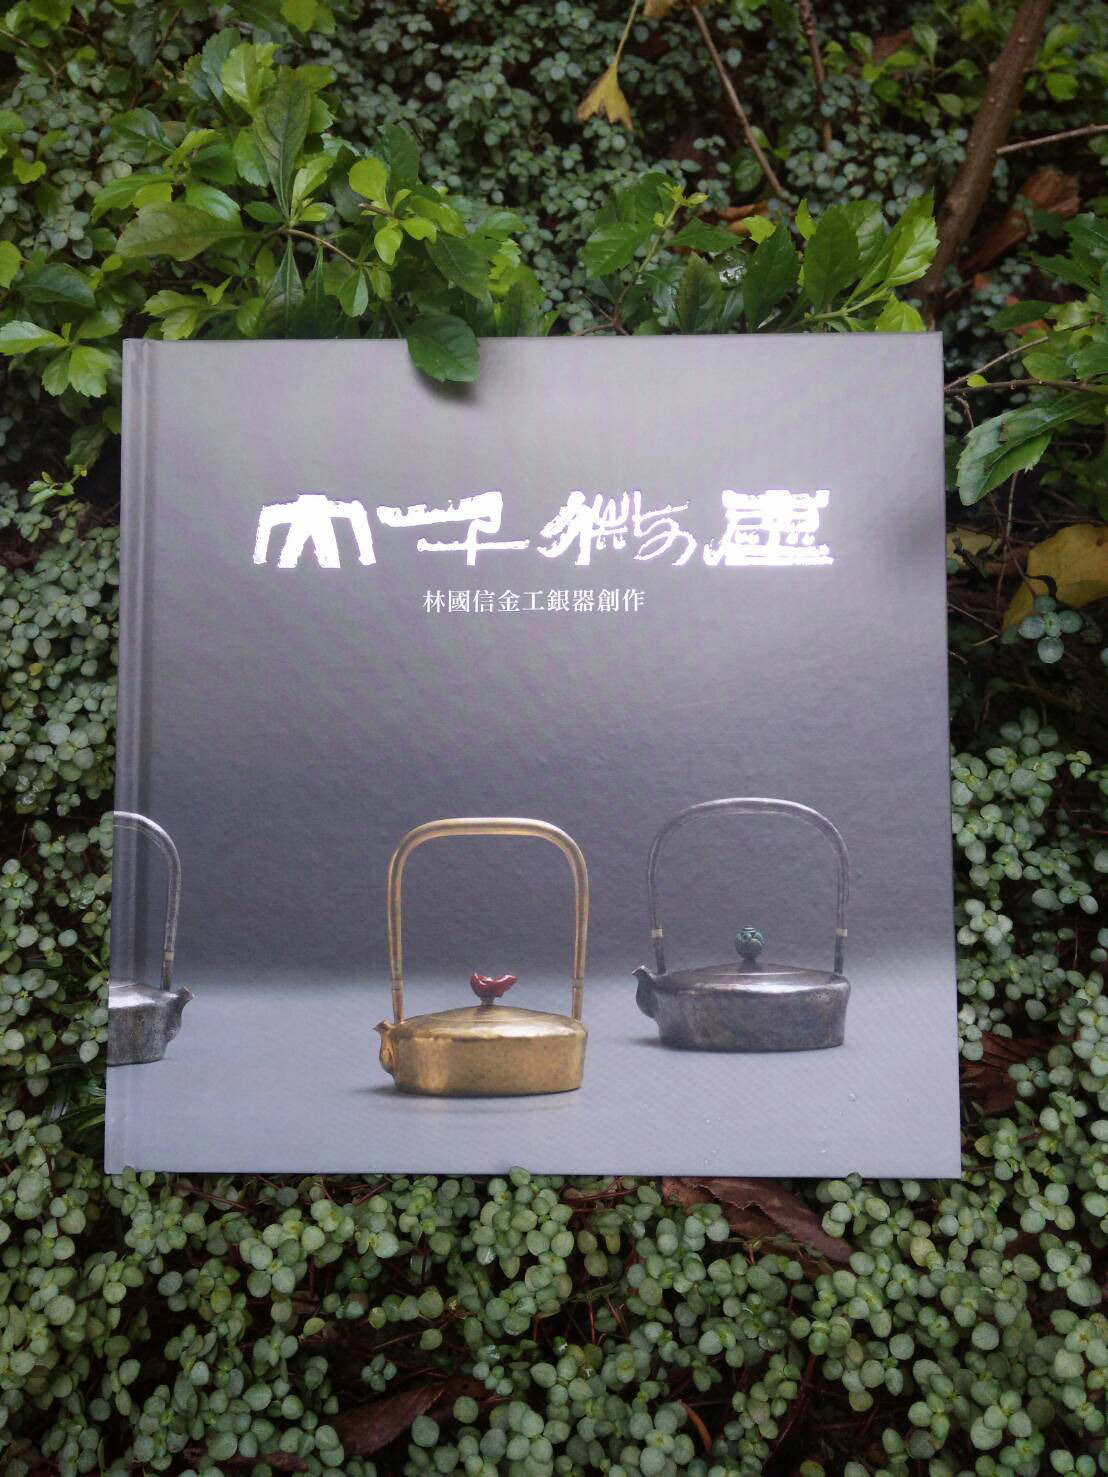 林國信銀壺創作作品集出版—歡迎鑑賞指教